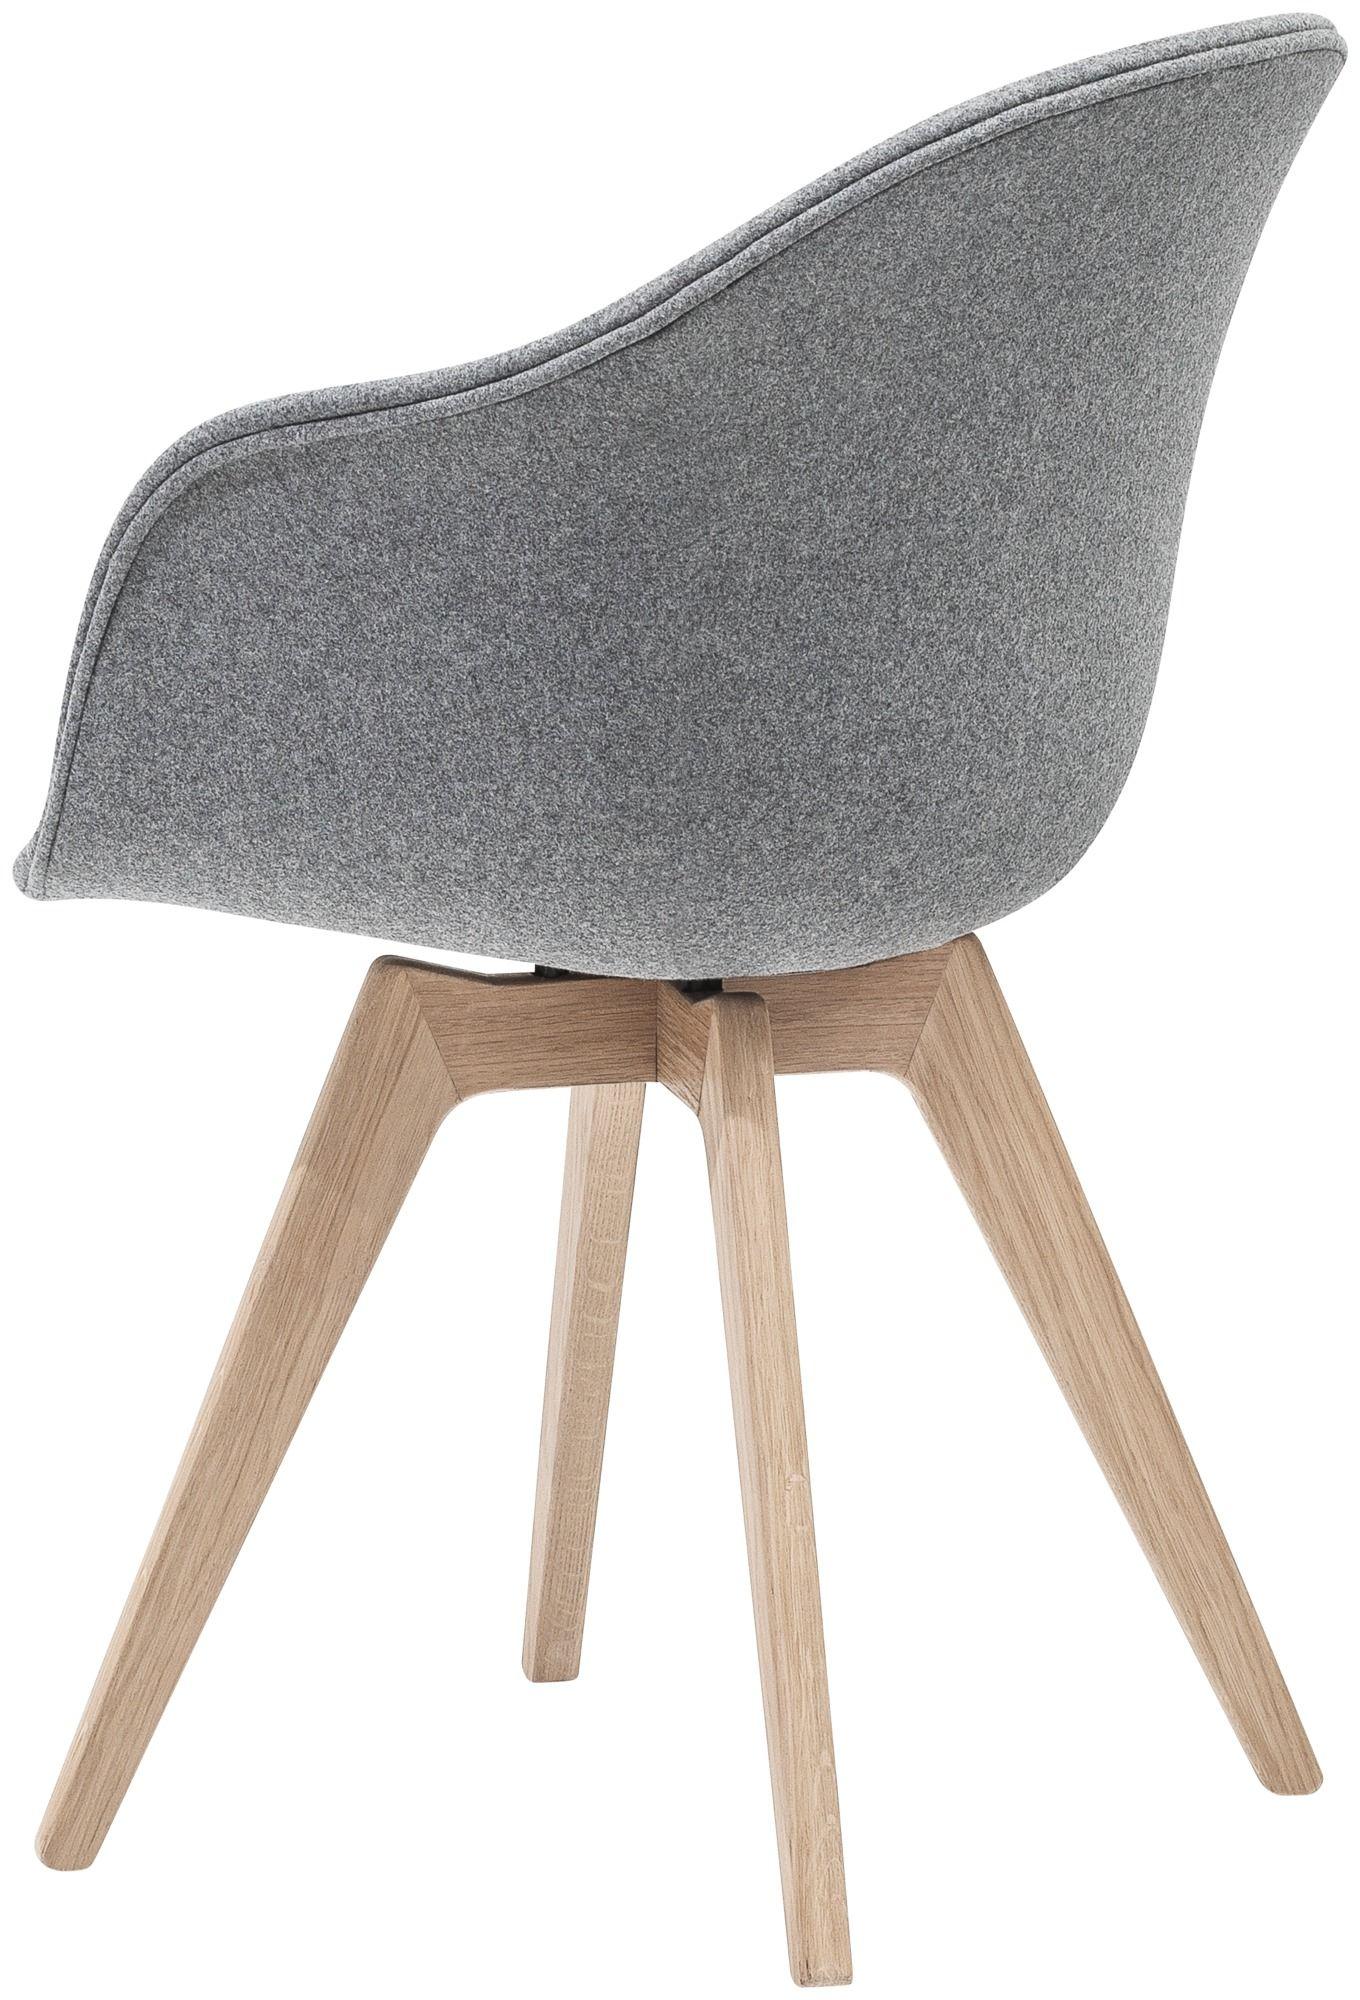 Designer Esszimmerstühle moderne designer esszimmerstühle kaufen boconcept bc